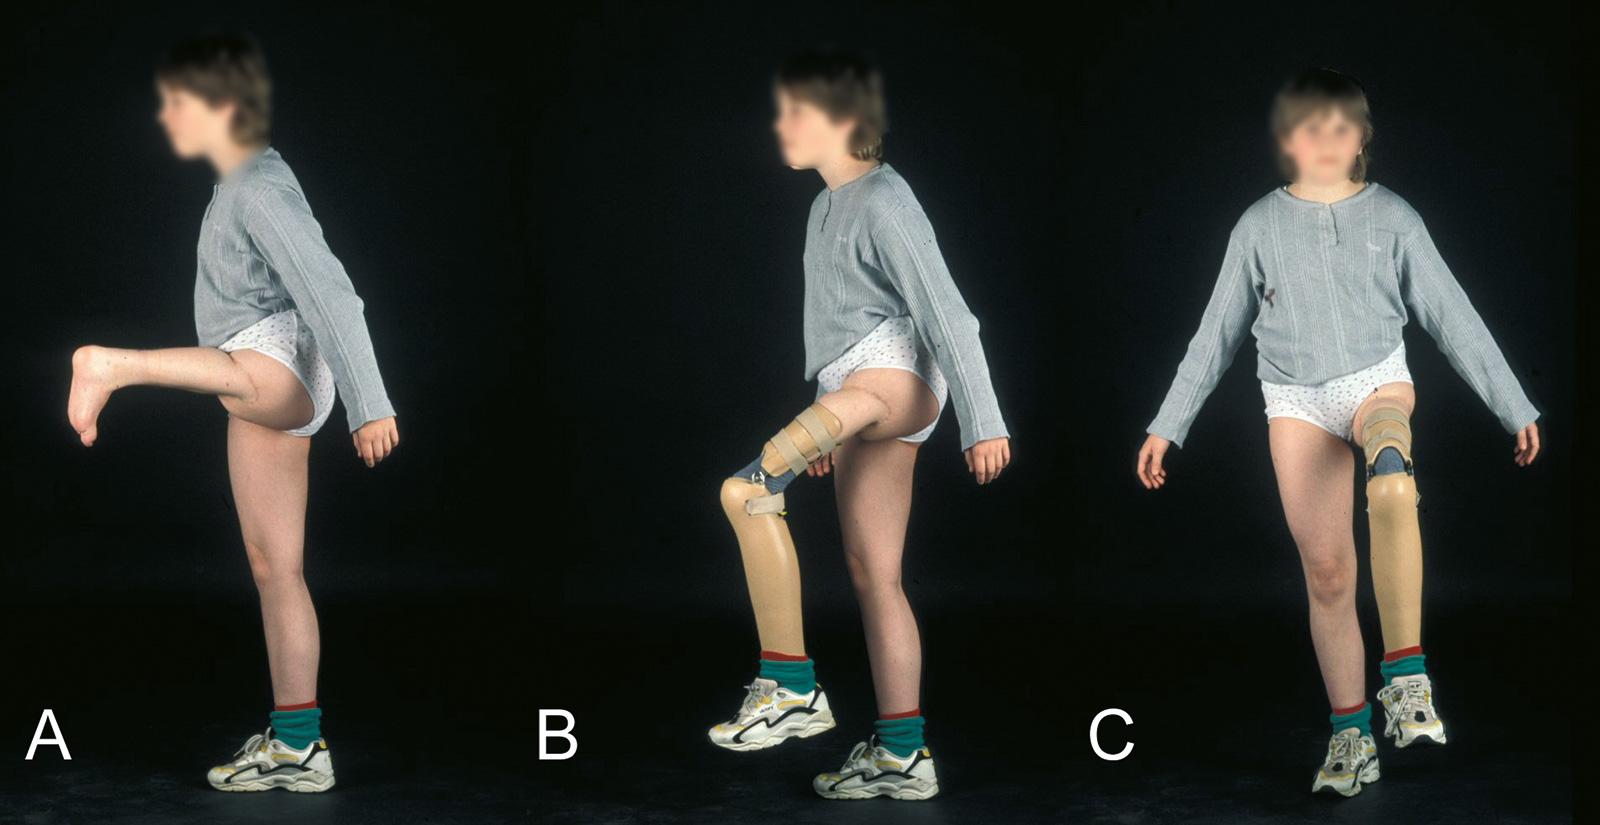 Abb. 8-11: 9-jähriges Mädchen: Zustand nach einer A1-Umkehrplastik bei einem Osteosarkom des distalen Femurs